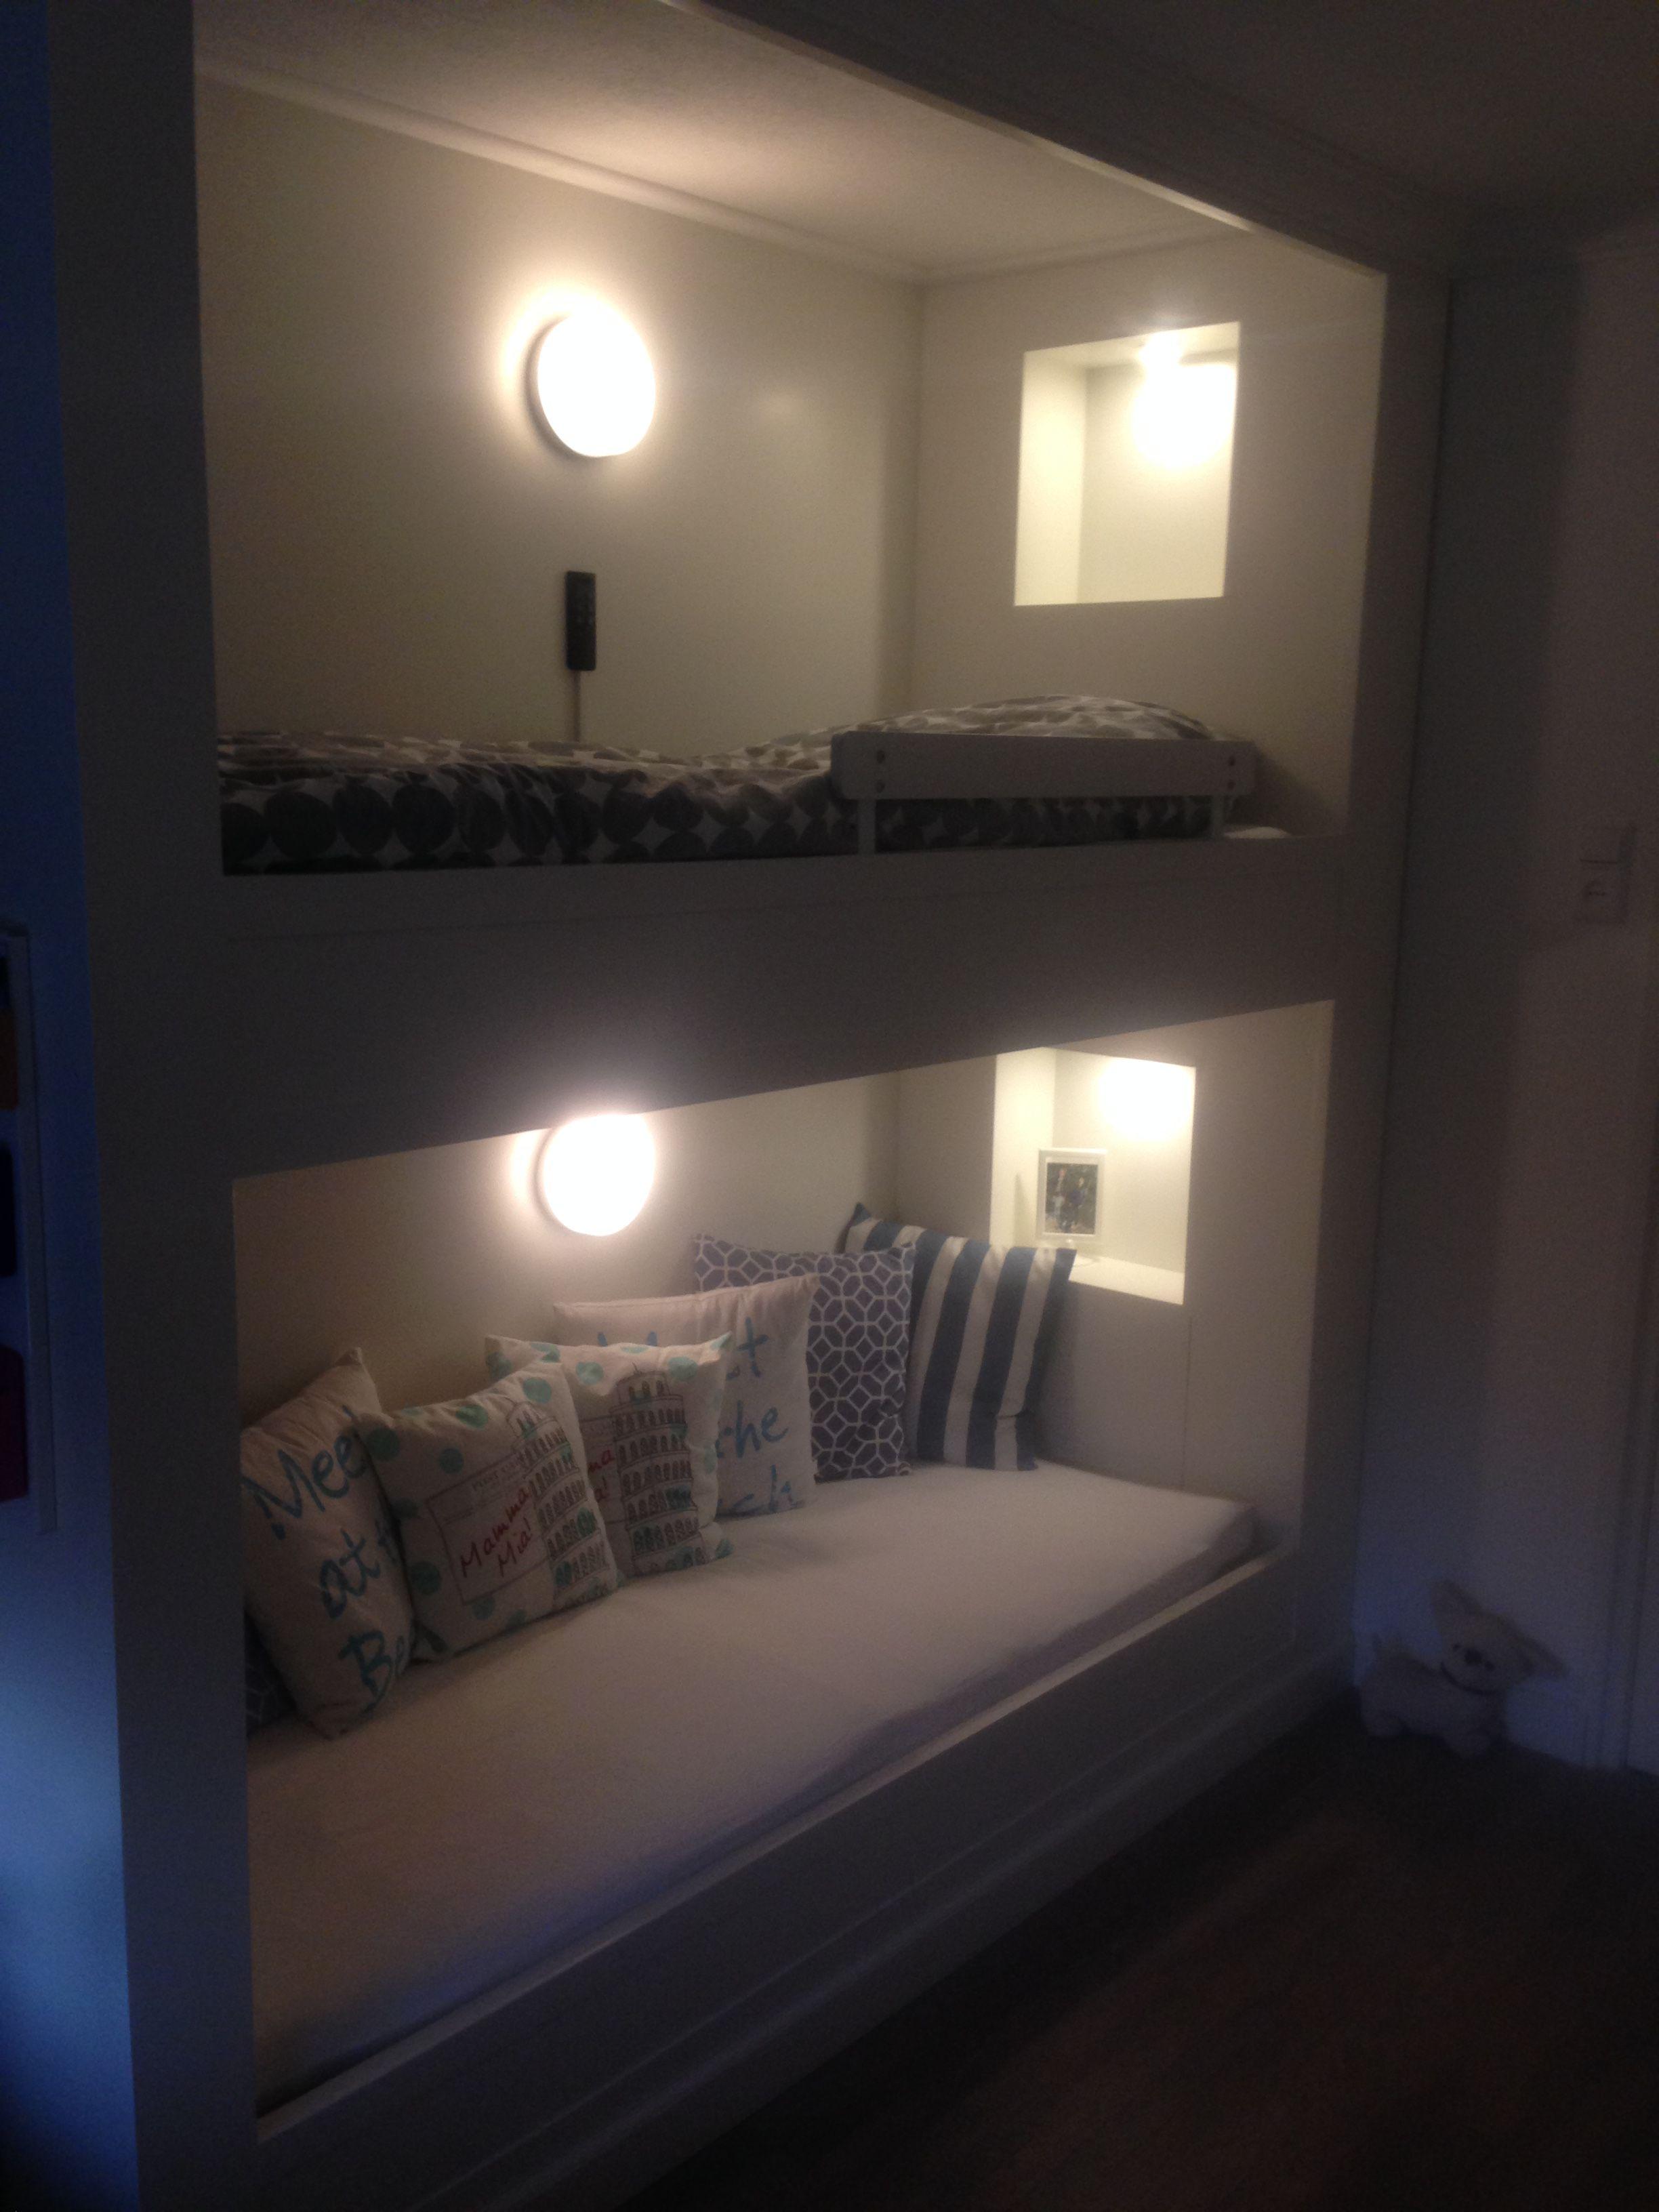 Stapelbed bunkbed 80x200 met verlichte koof bovenbed heeft een elektrisch verstelbare - Stapelbed kleine kamer ...